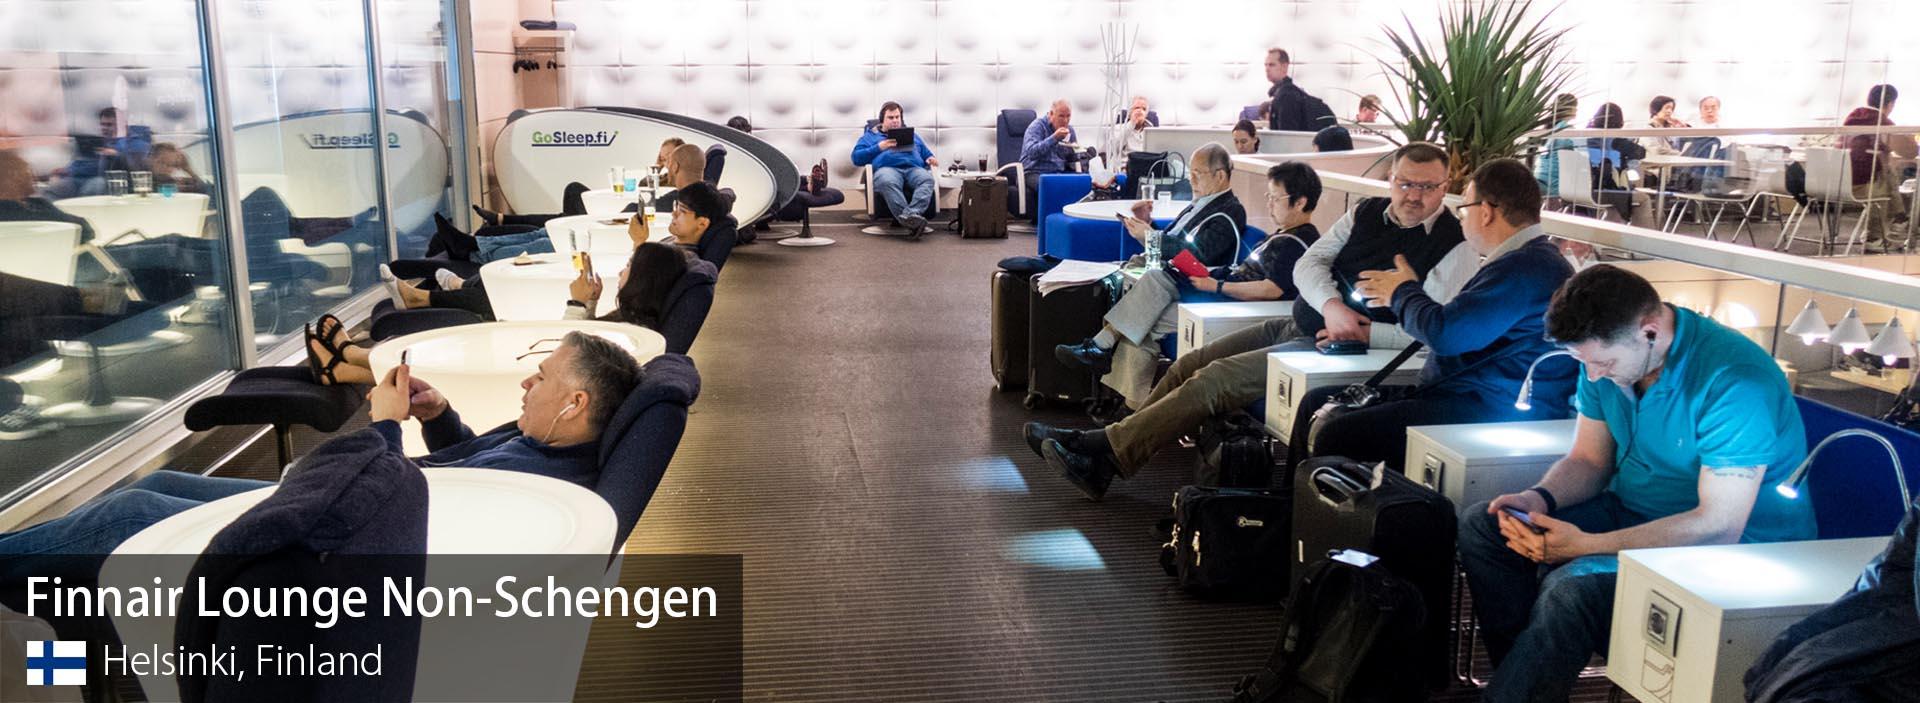 Lounge Review: Finnair Lounge Non-Schengen at Helsinki Vantaa